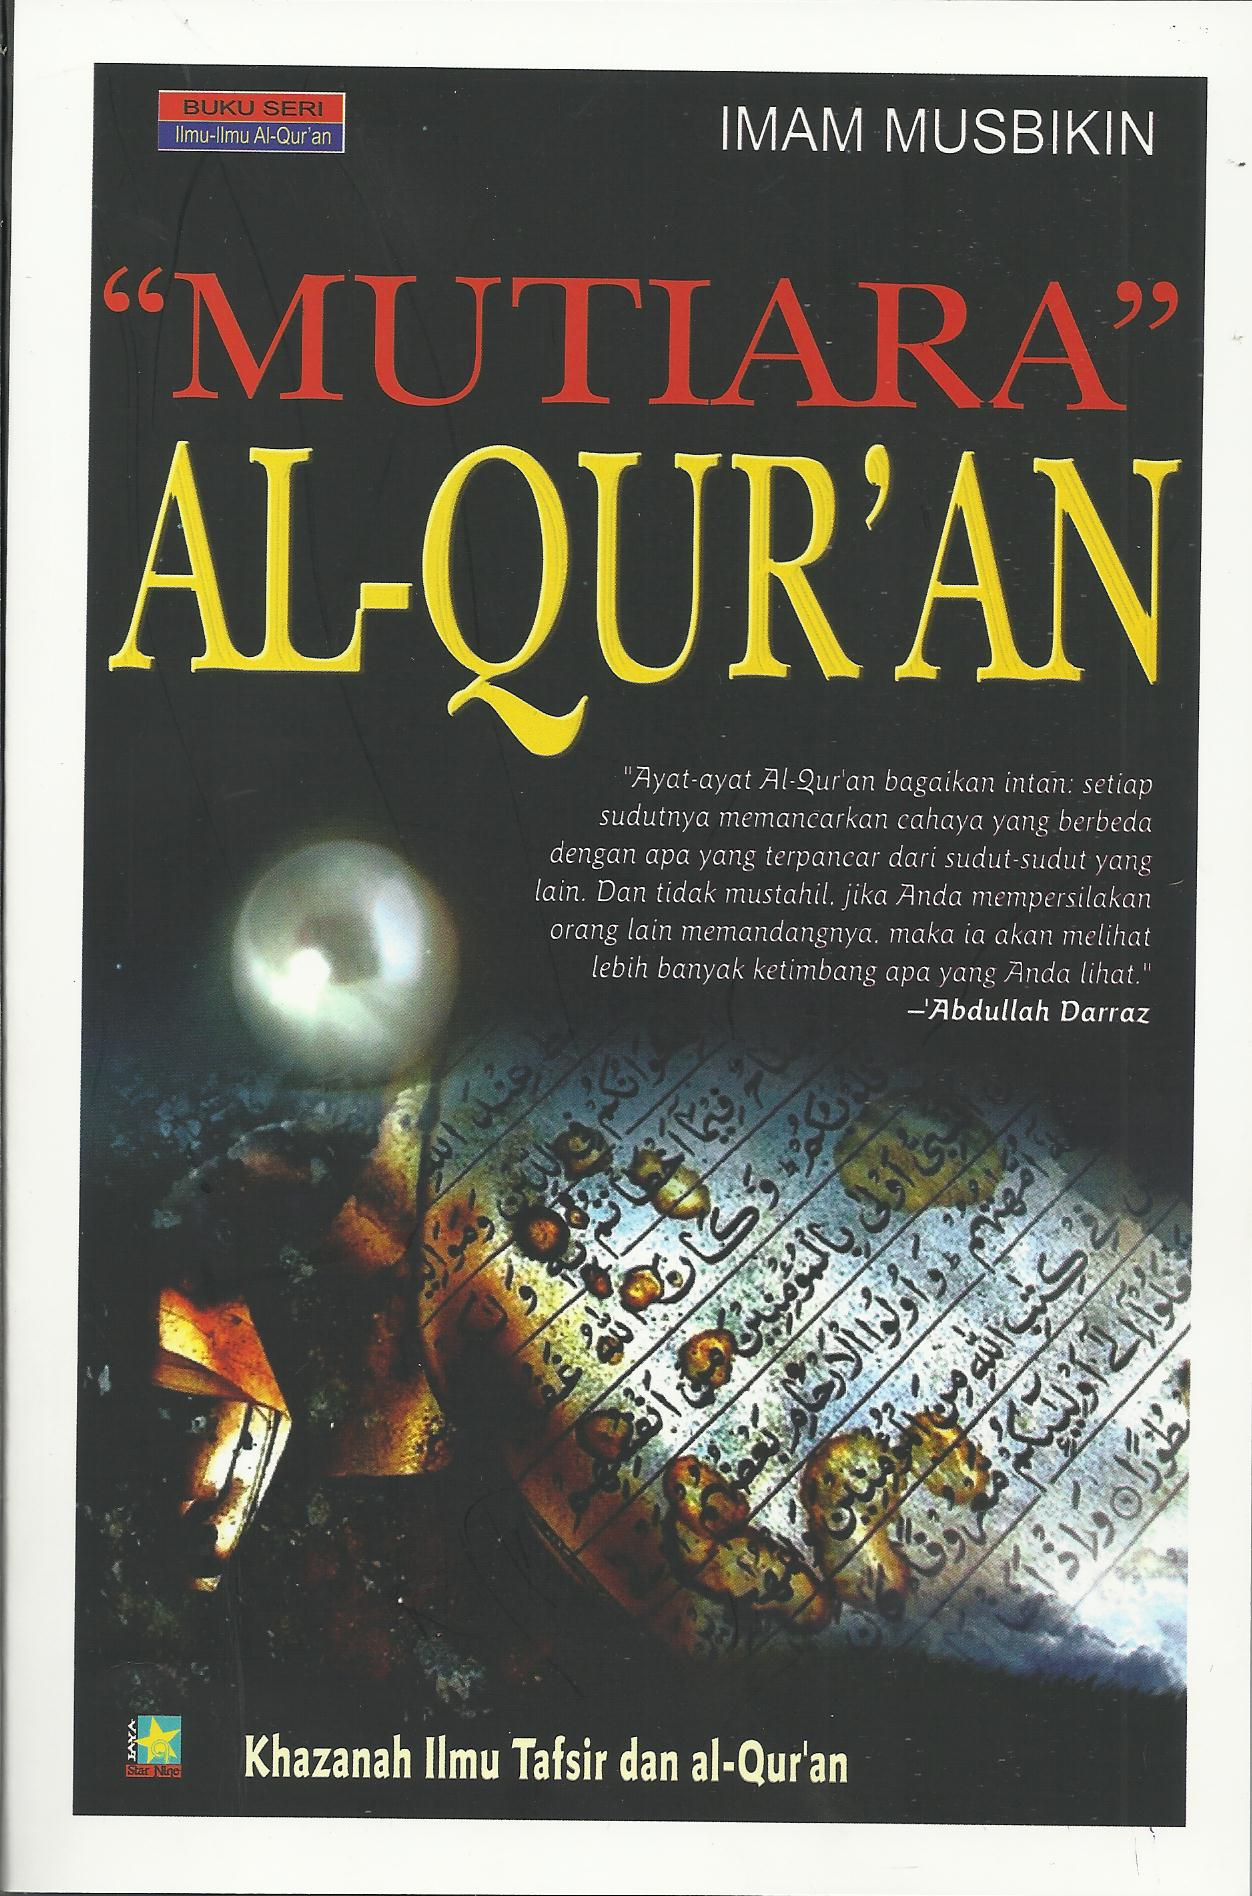 Mutiara Al-Qur'an